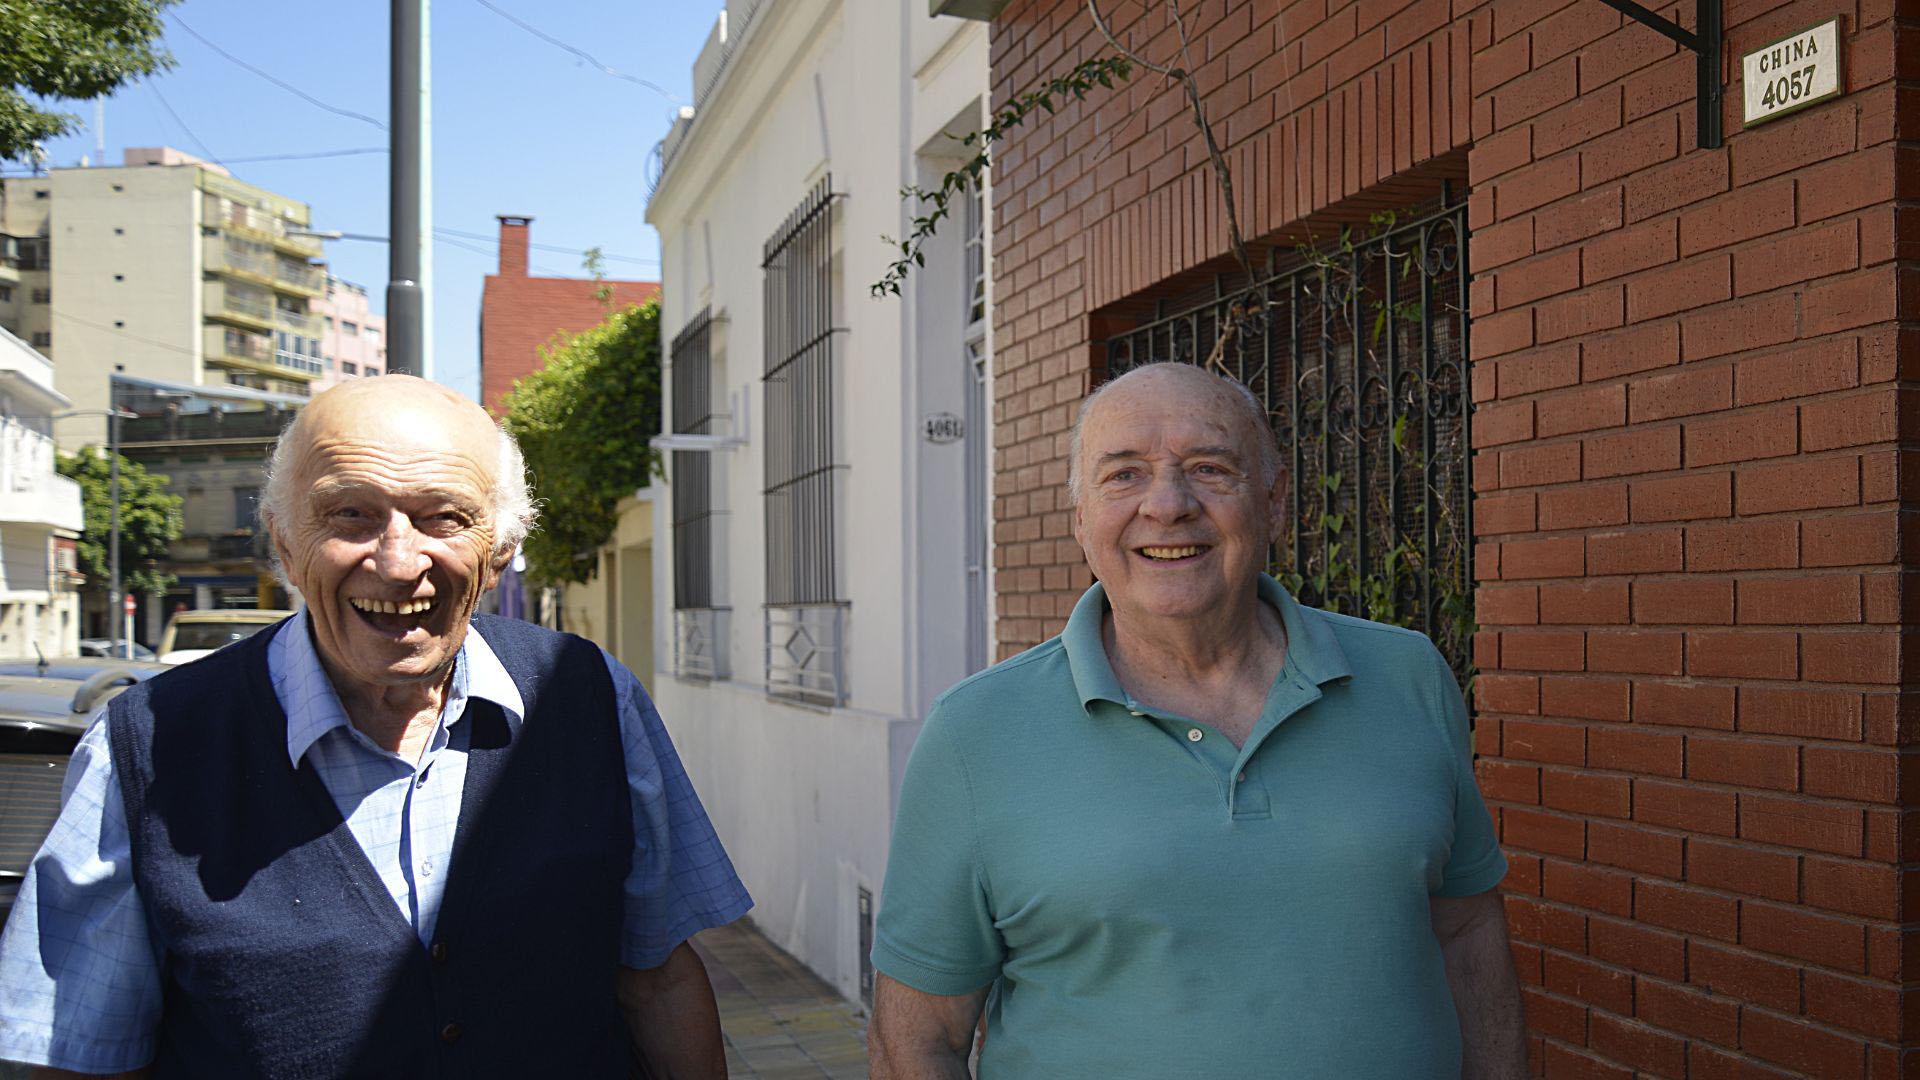 Arnaldo Mamianetti y Carlos Bruzera son amigos desde que tienen 10 años. Crecieron en el pasaje China (Gustavo Gavotti)